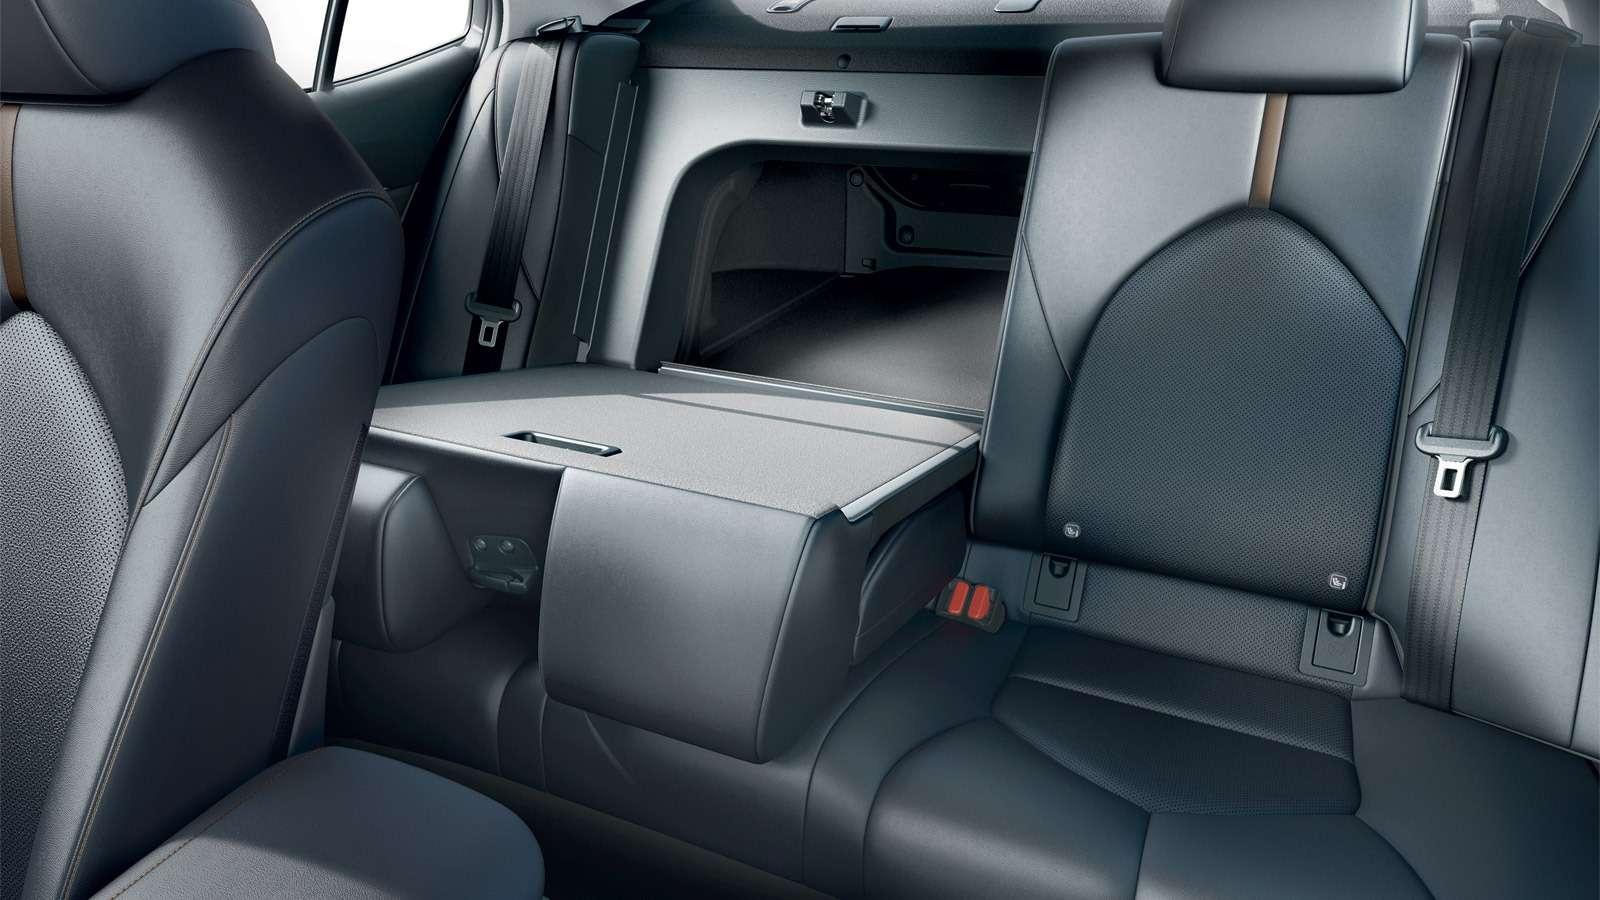 Toyota Camry: названы российские цены. Напервый взгляд, стало дешевле— фото 859042